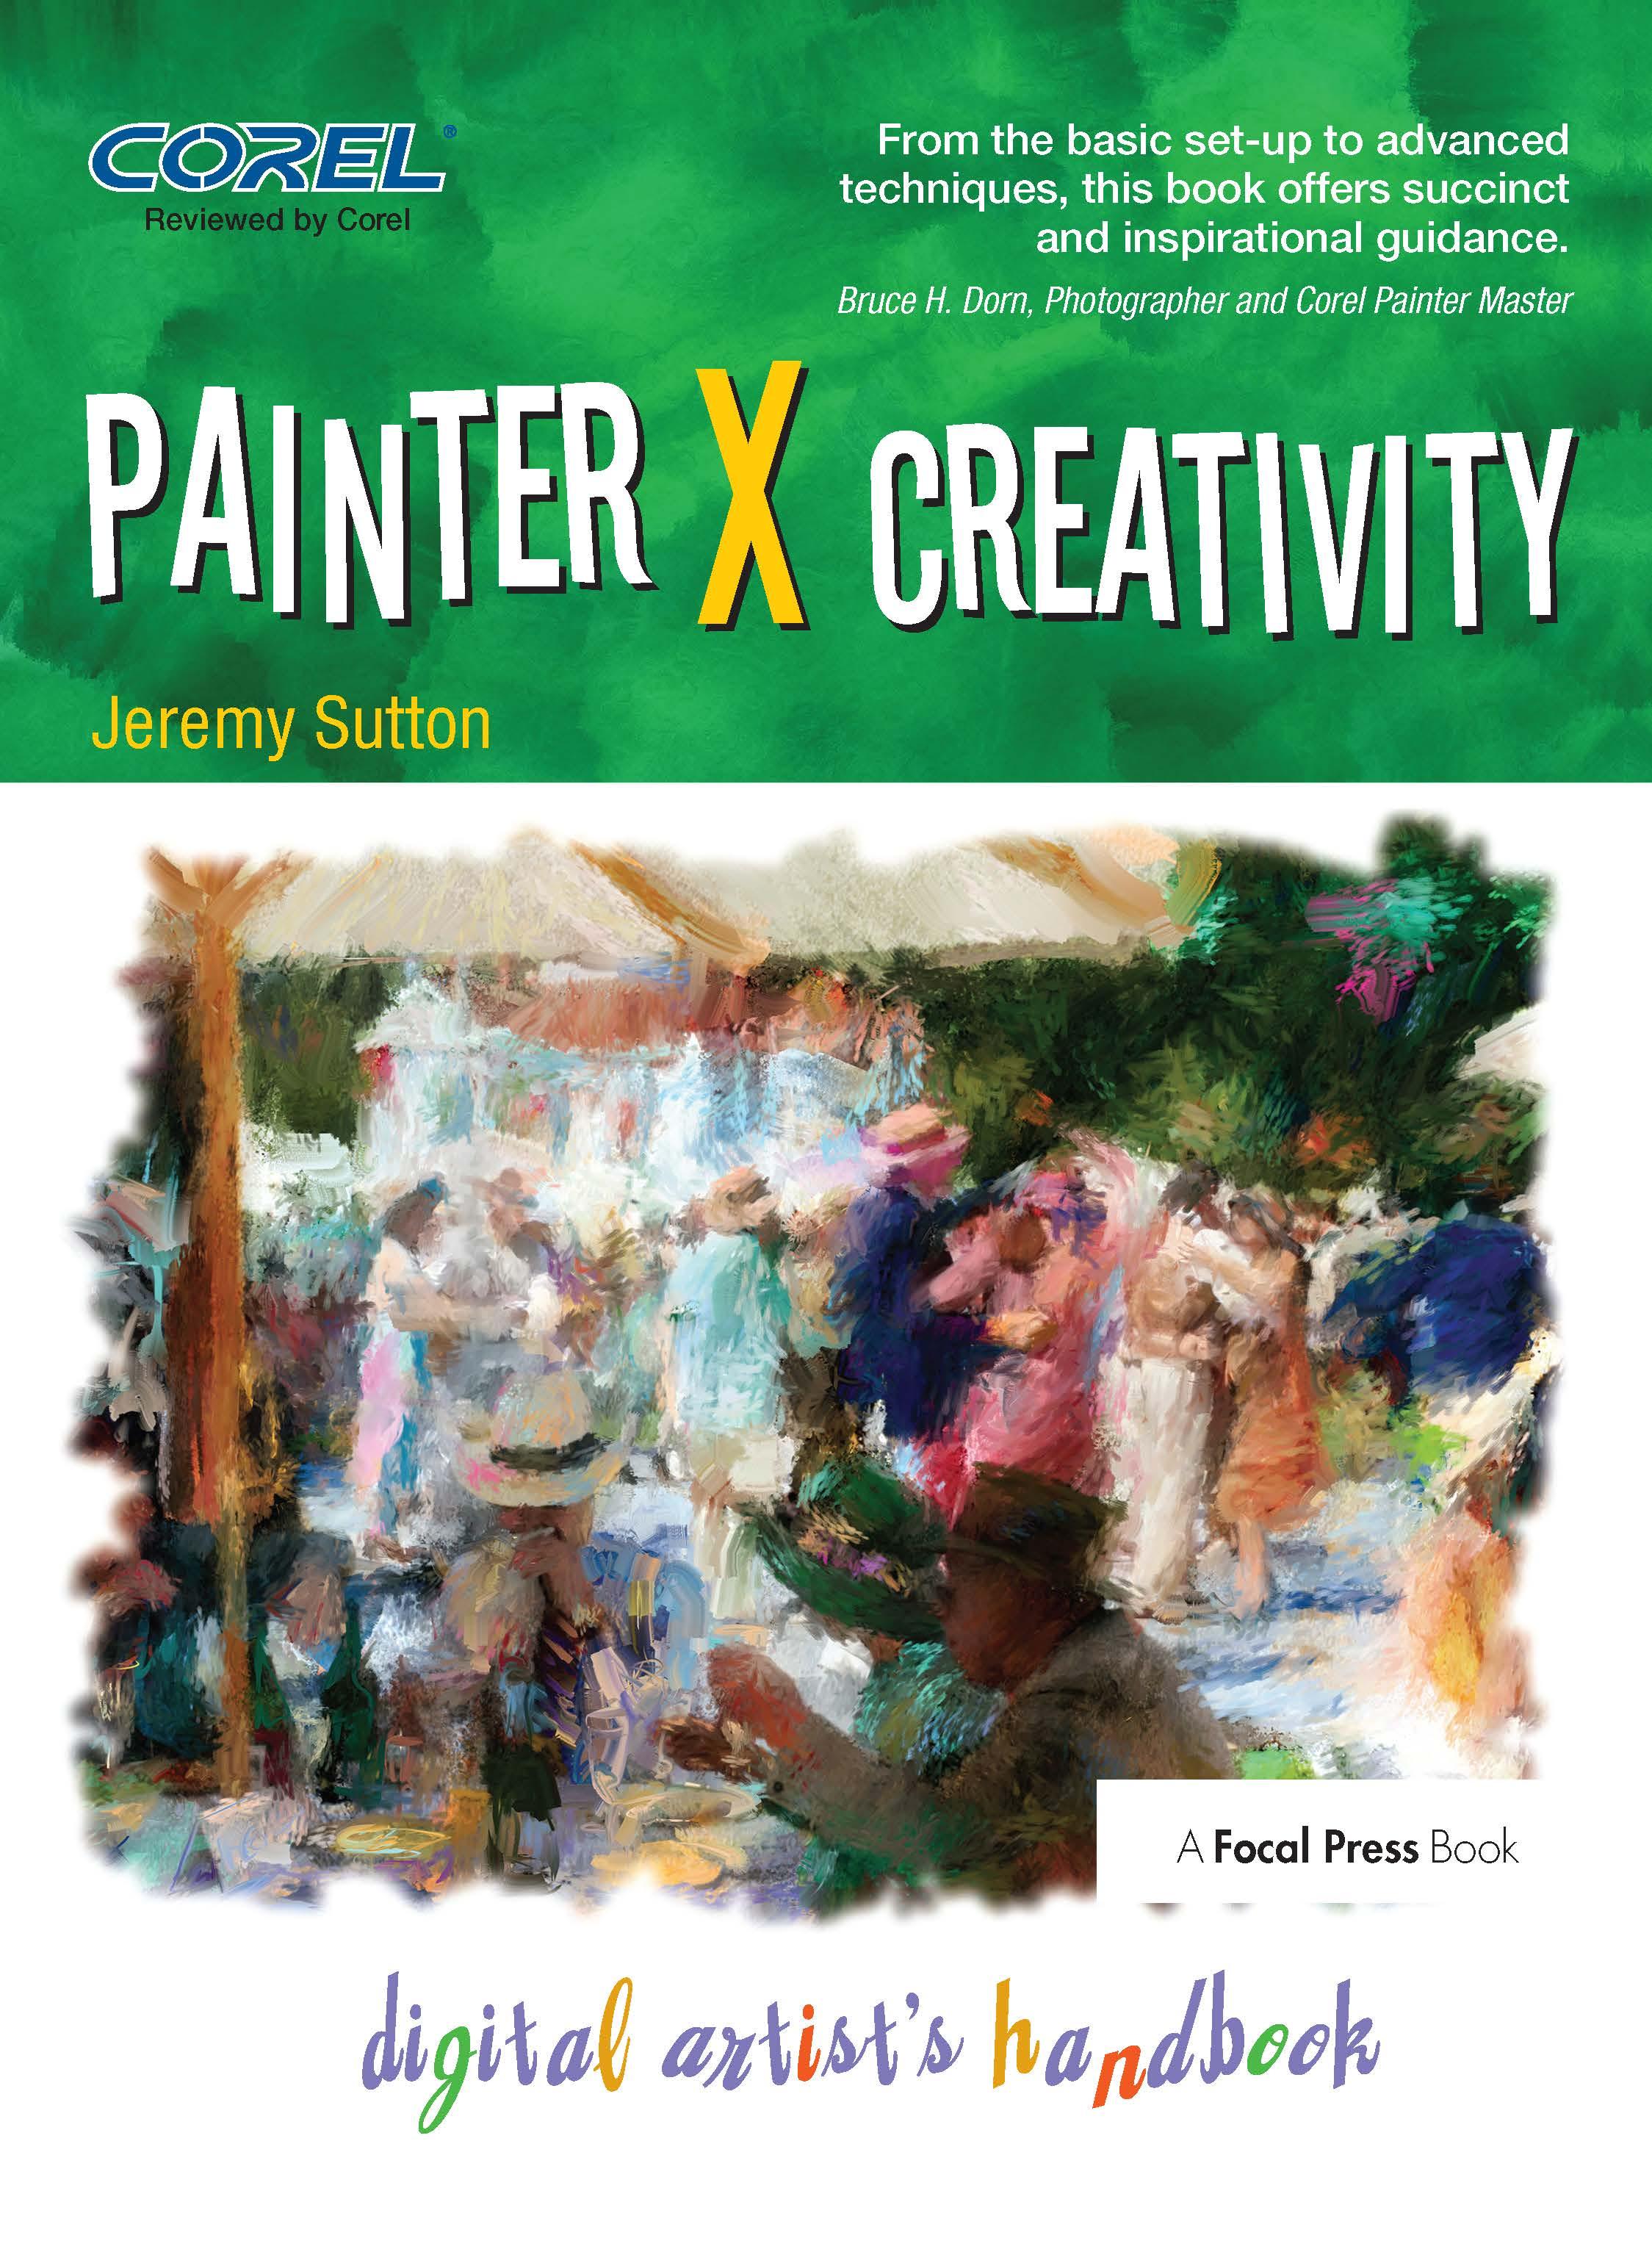 Painter X Creativity: Digital Artist's handbook book cover